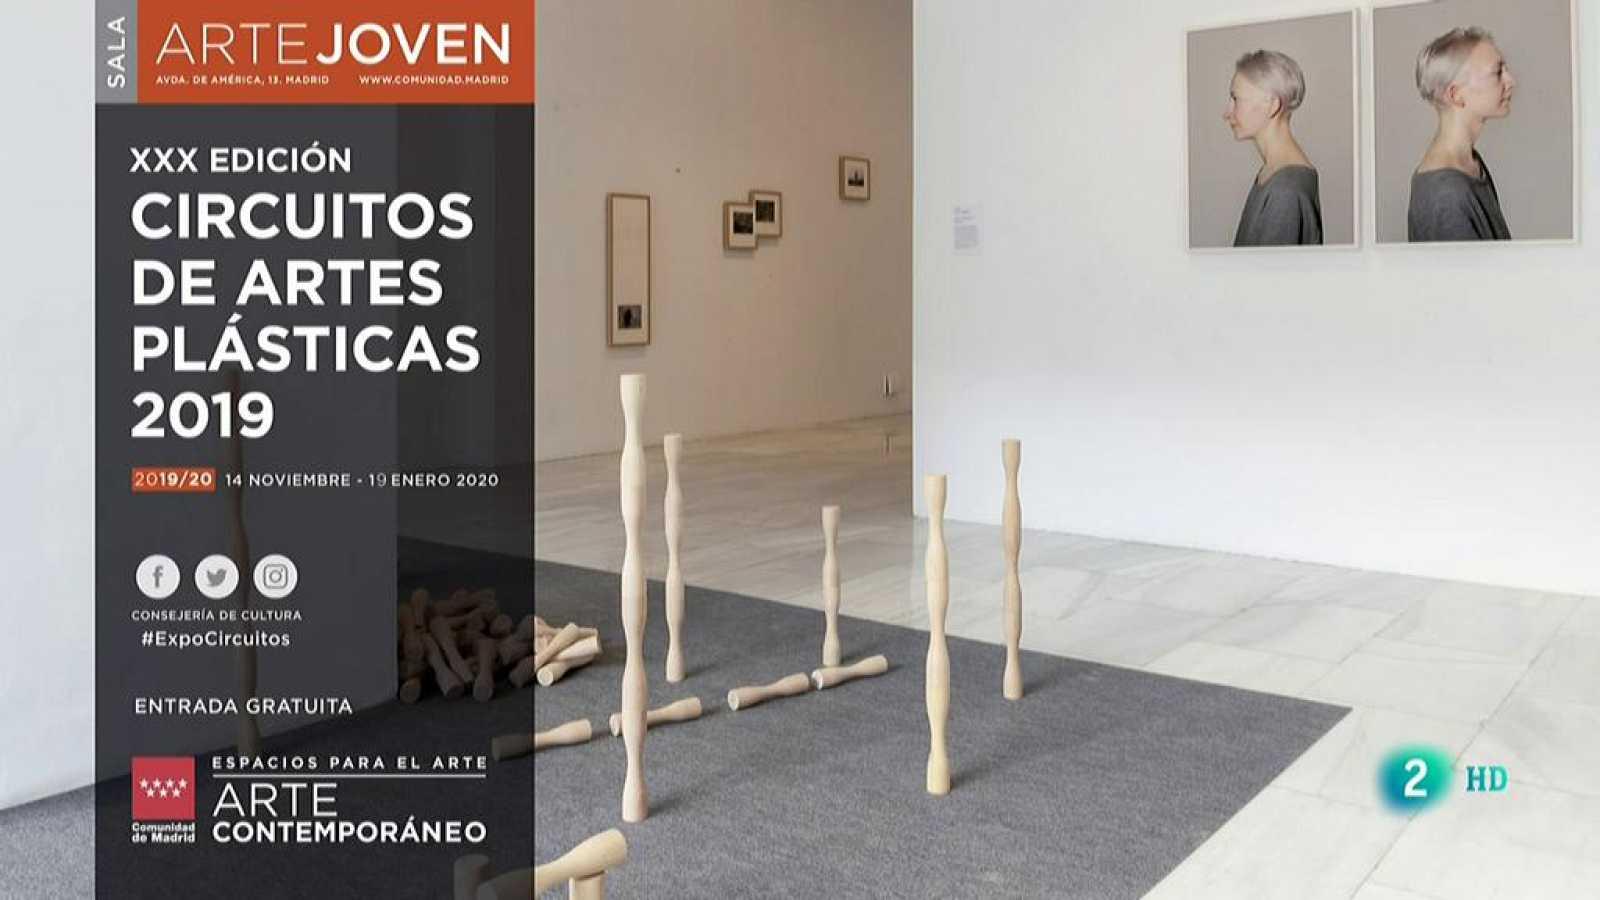 La aventura del saber Circuitos de Artes Plásticas de la Comunidad de Madrid 19 de enero en la Sala Arte Joven de Madrid.